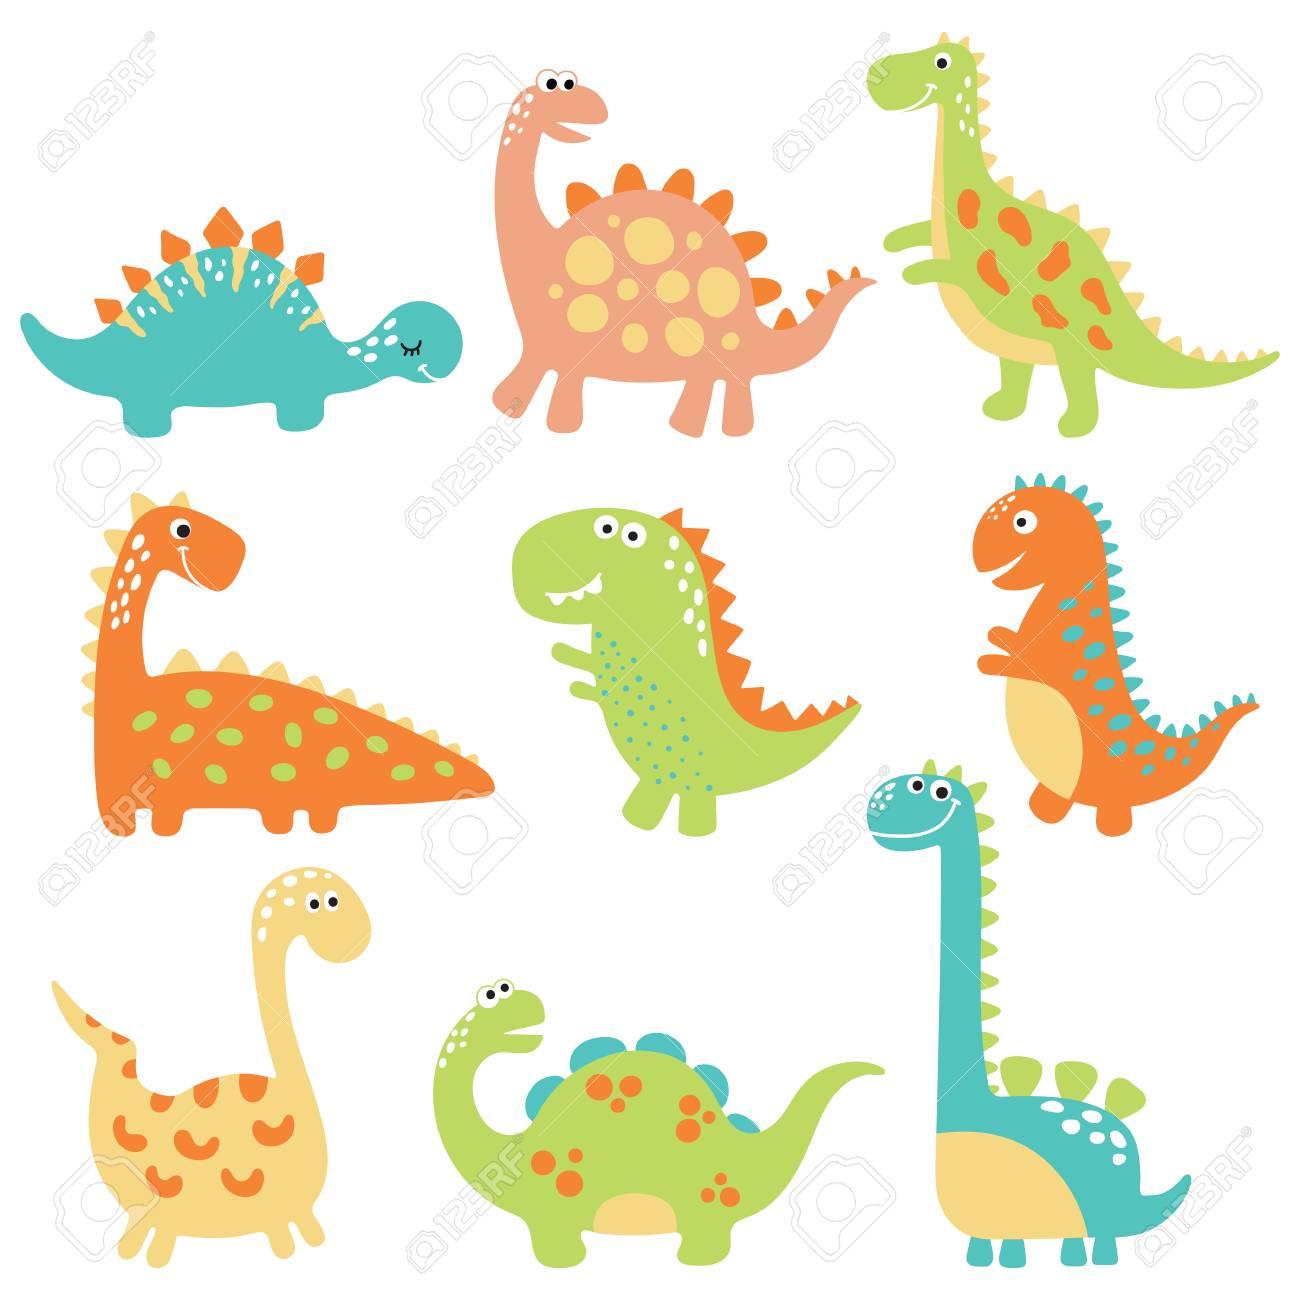 かわいい恐竜のイラストが背景白に設定しますのイラスト素材ベクタ